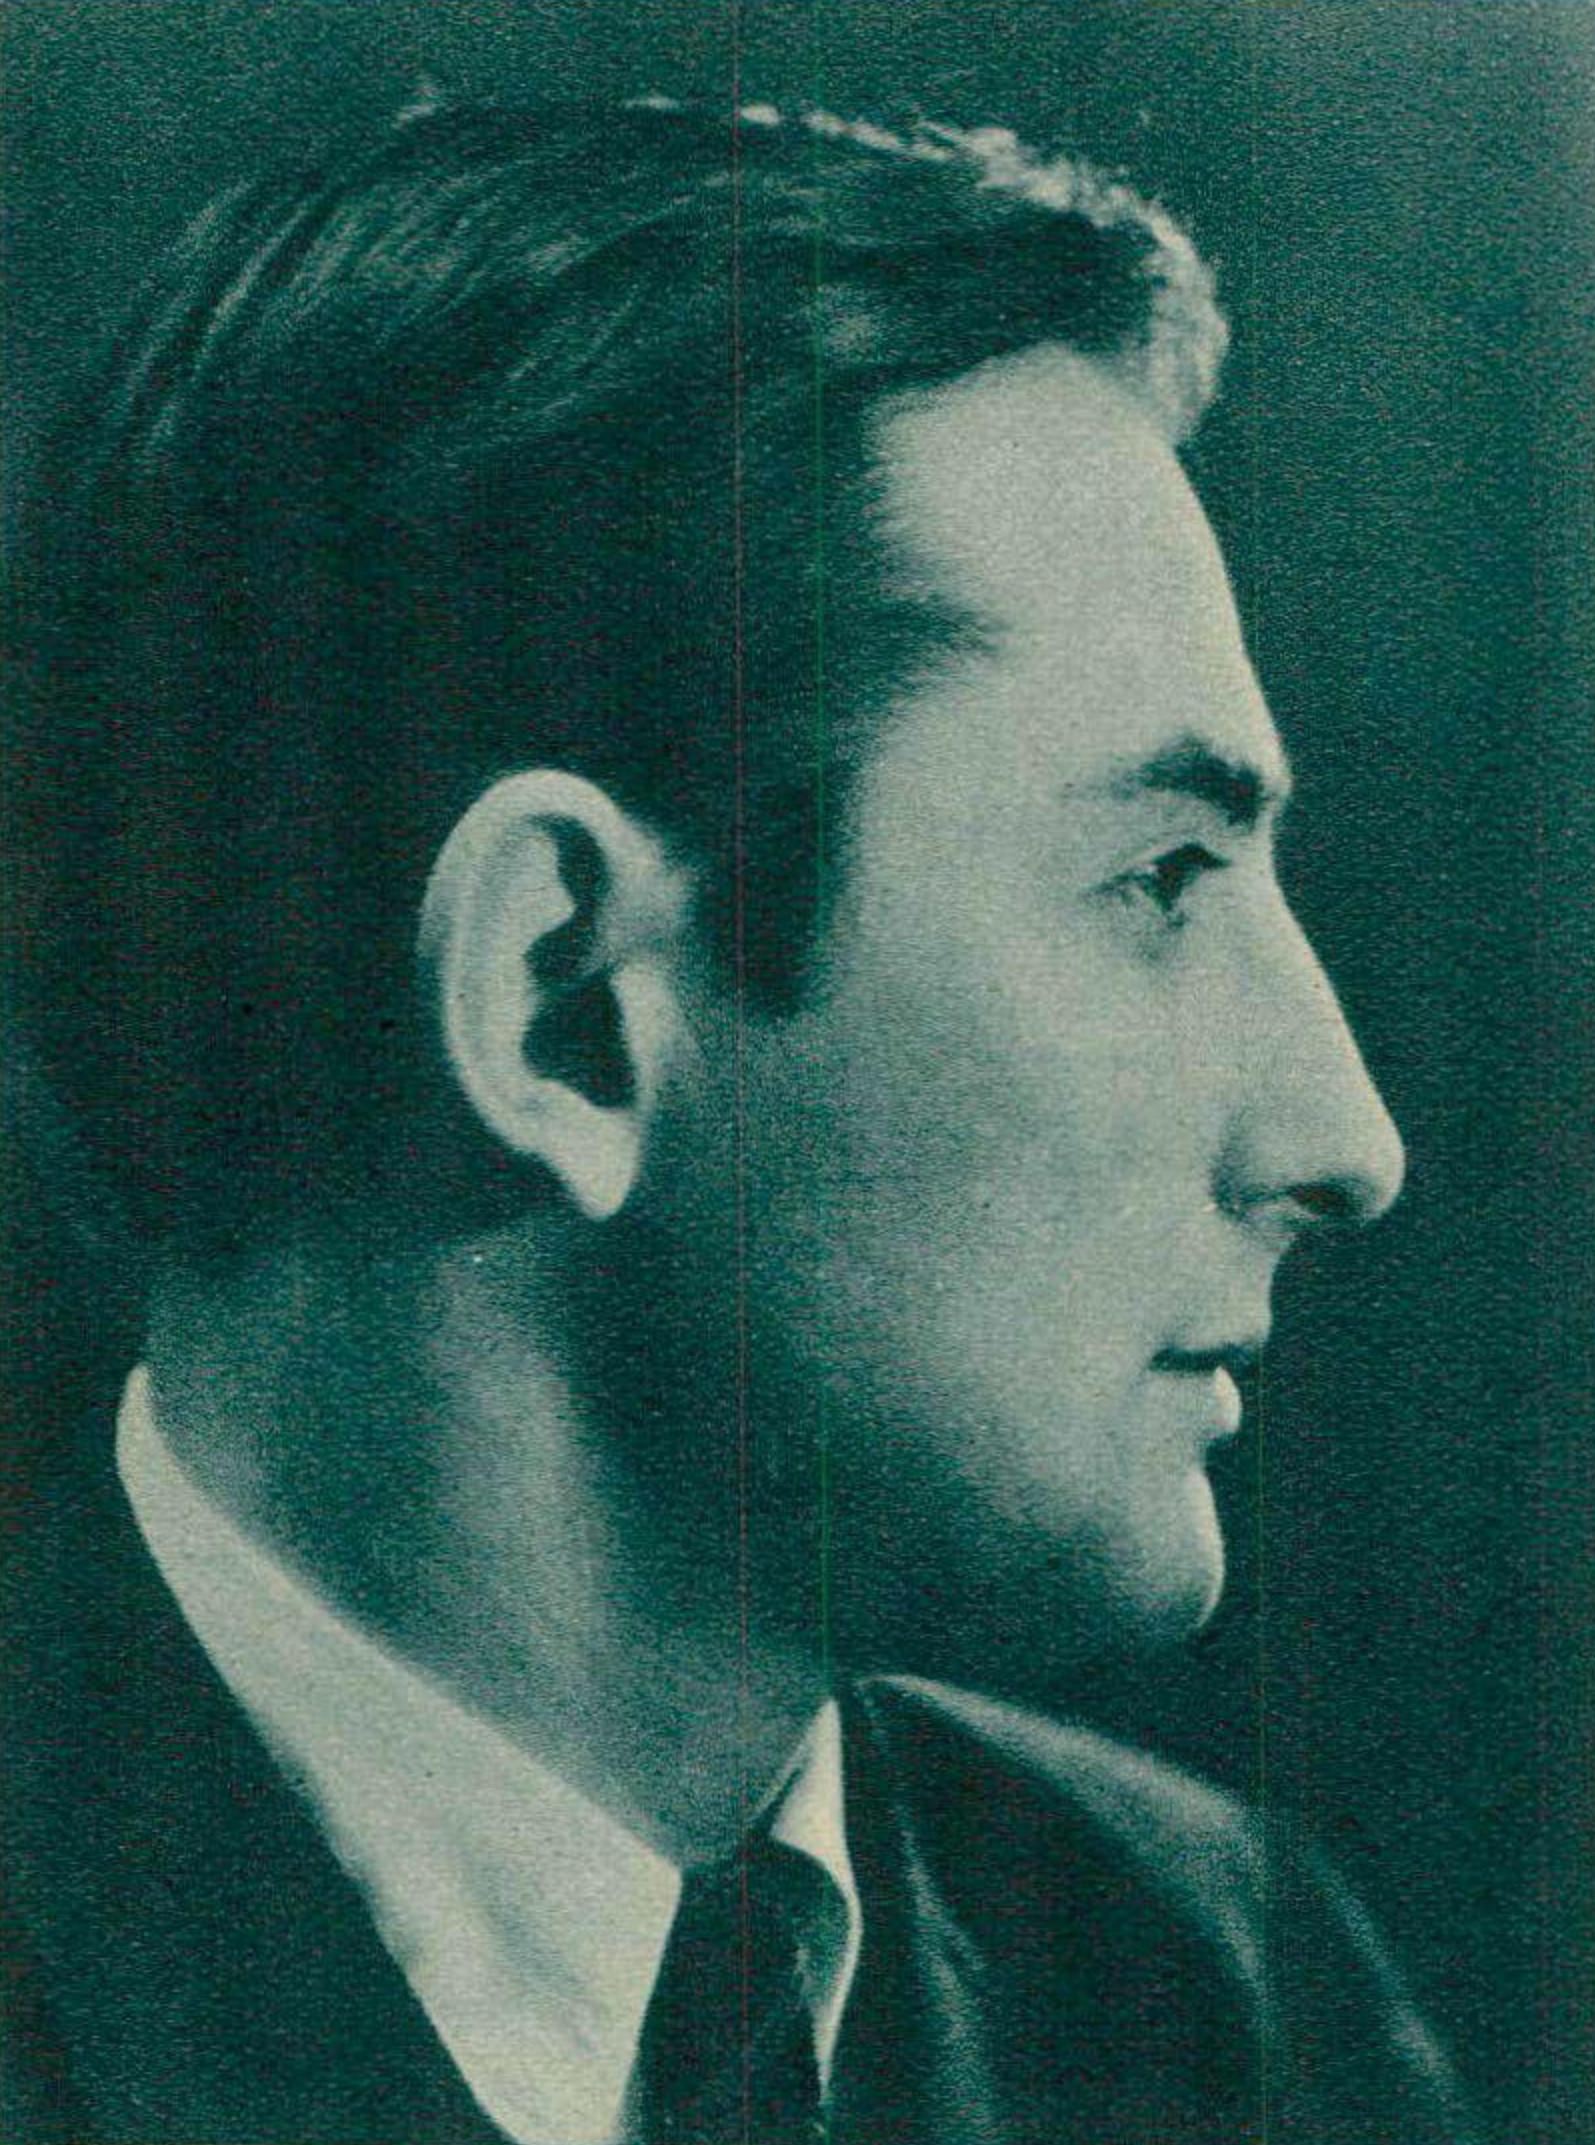 Date et photographe inconnus, un portrait de Nikita Magaloff publié - entre autres - dans la revue Radio Actualités du 8 mars 1945, No 10, page 10, cliquer pour un agrandissement